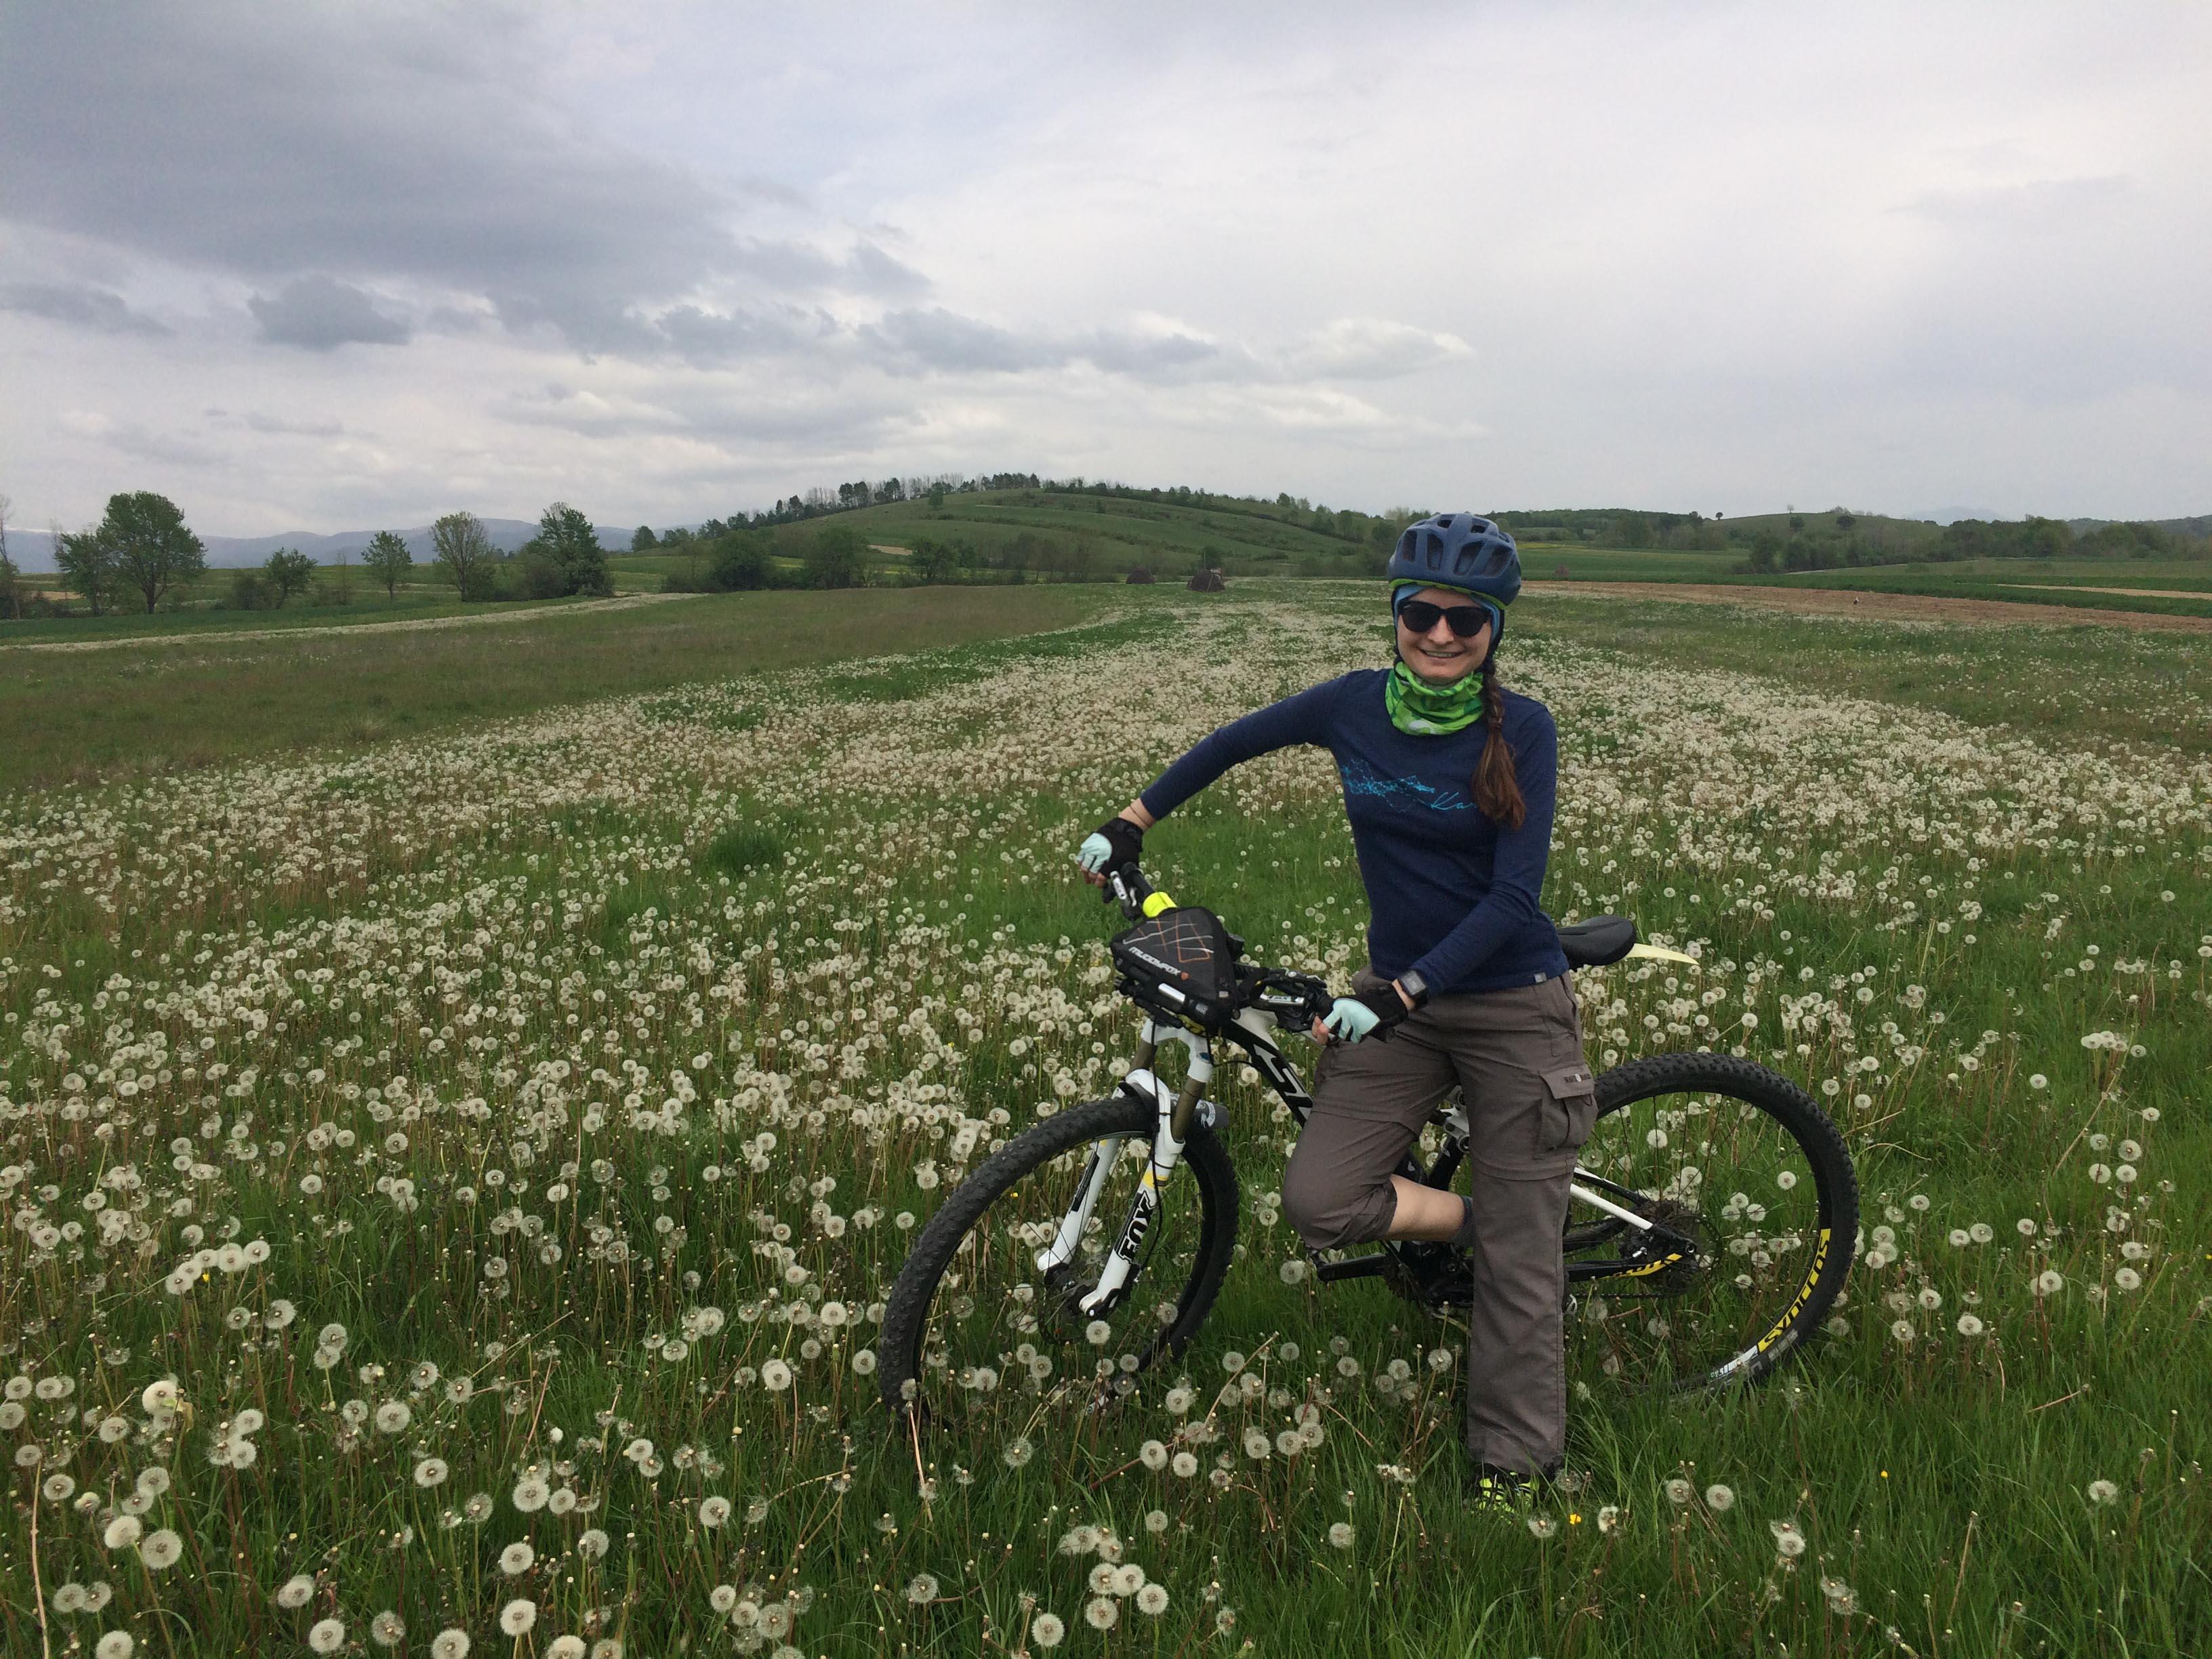 Povești pe două roţi. Bike touring în România (partea 2/2)